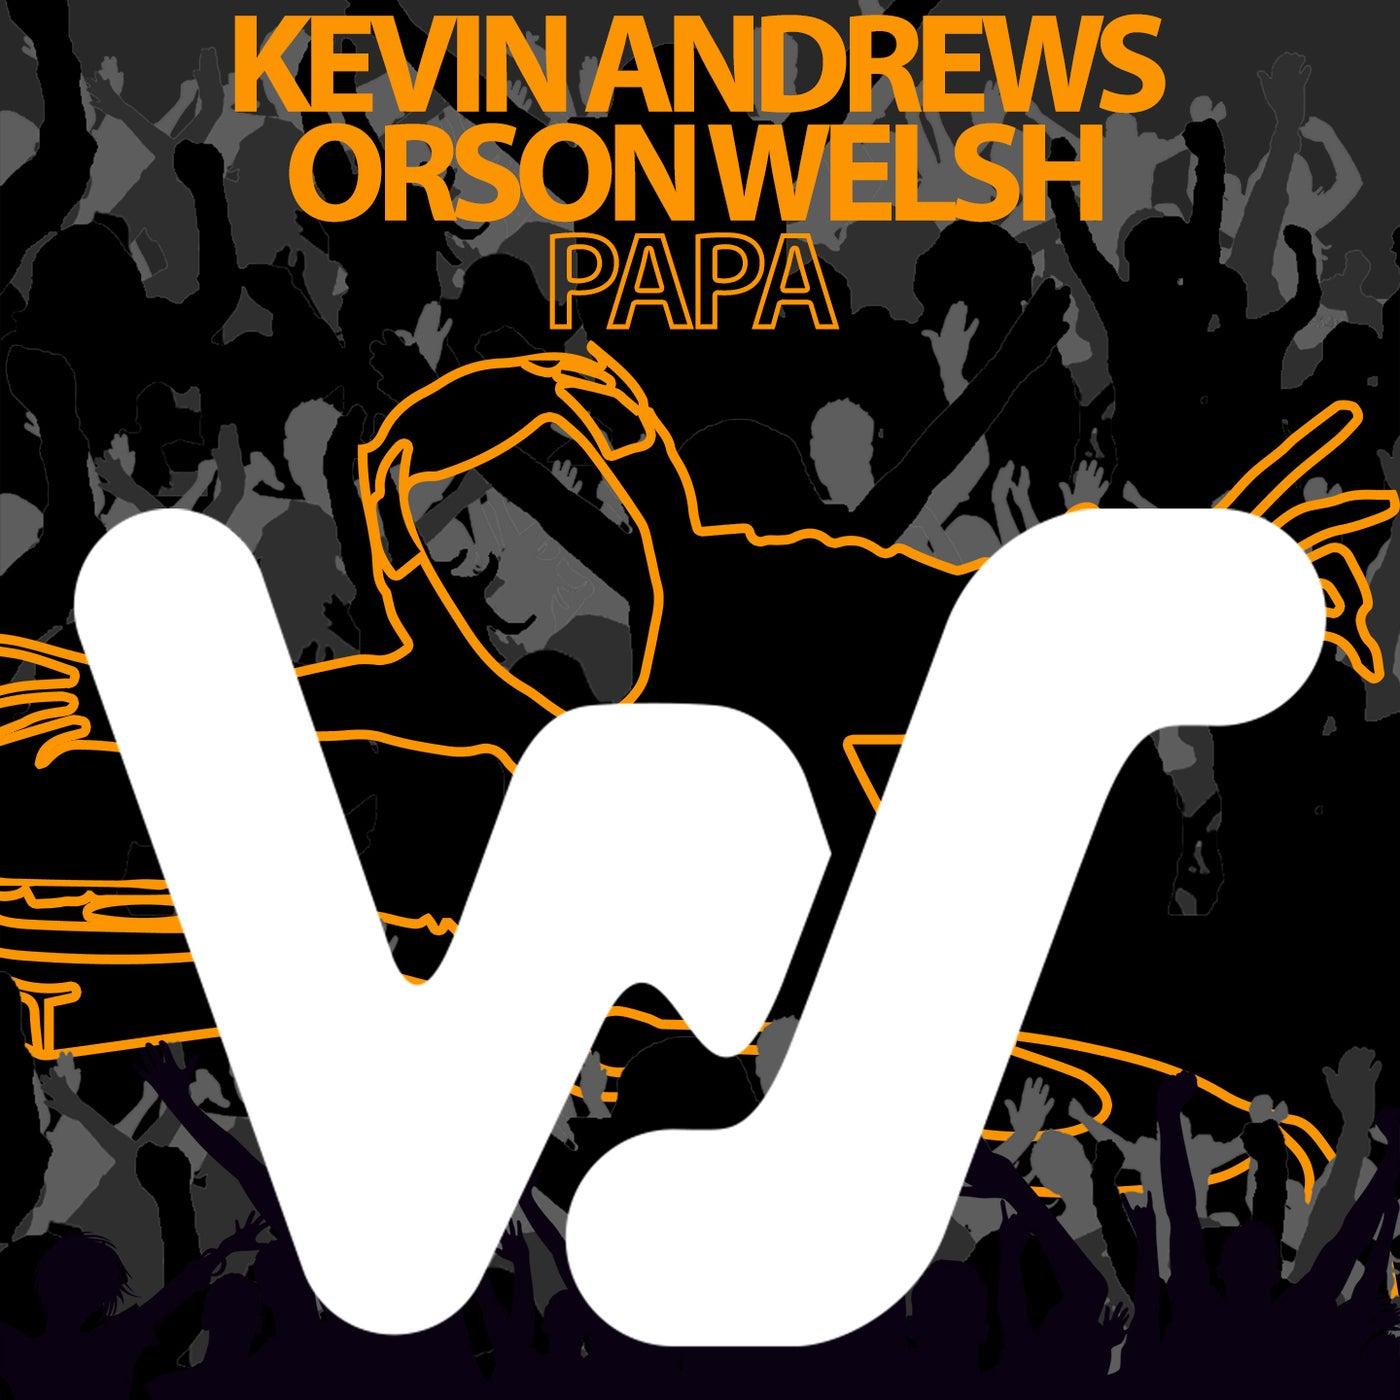 Papa (Original Mix)